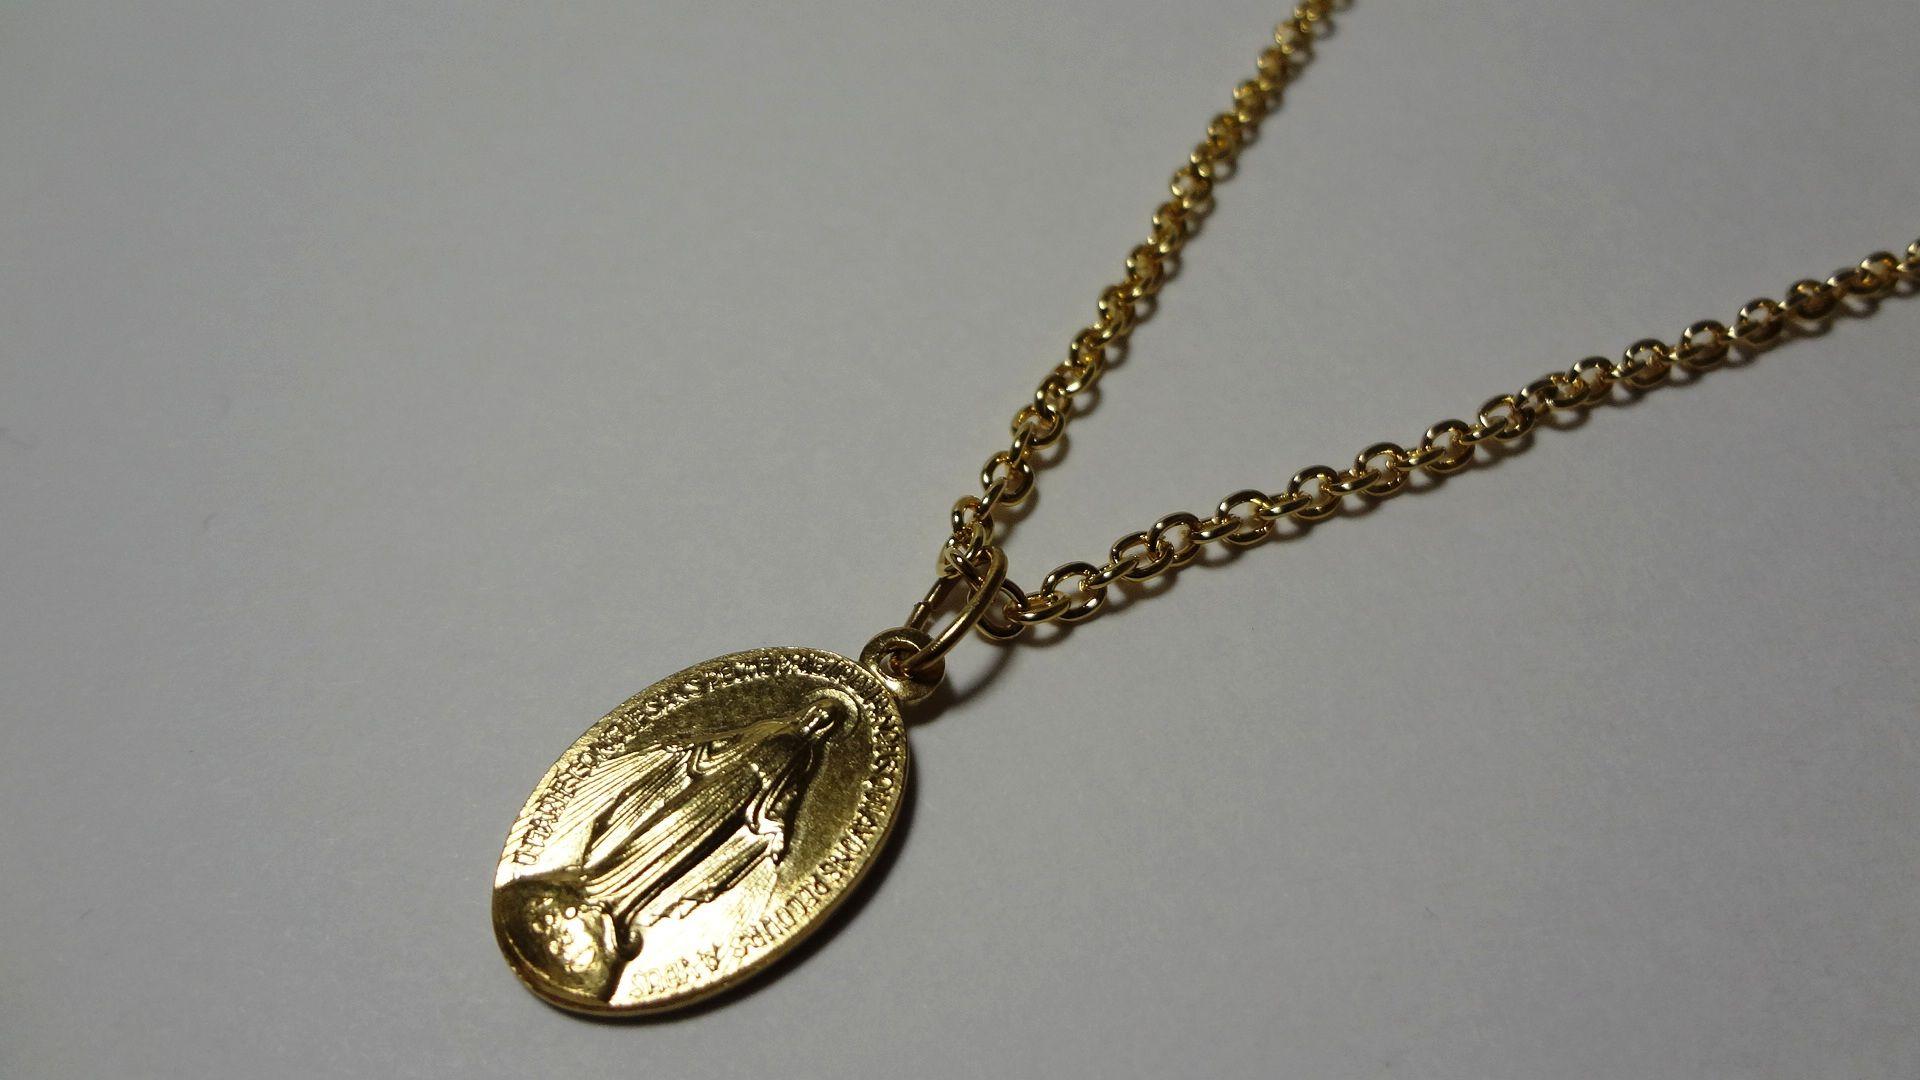 パリ 奇跡のメダイ教会 不思議のメダイ 金小ネックレス50cm